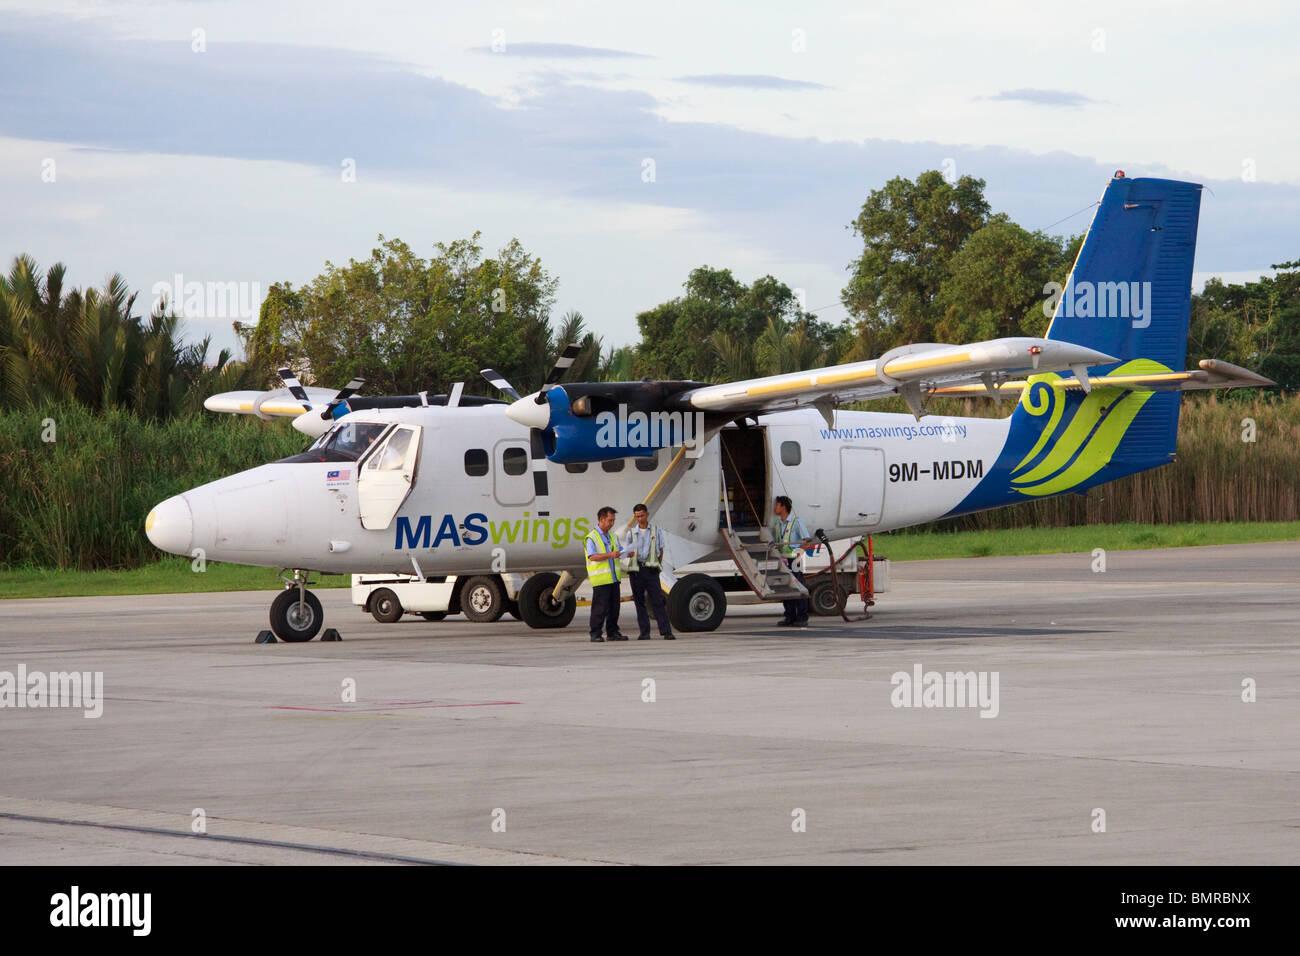 MAS wings aircraft, Kota Kinabalu airport, Malaysia - Stock Image